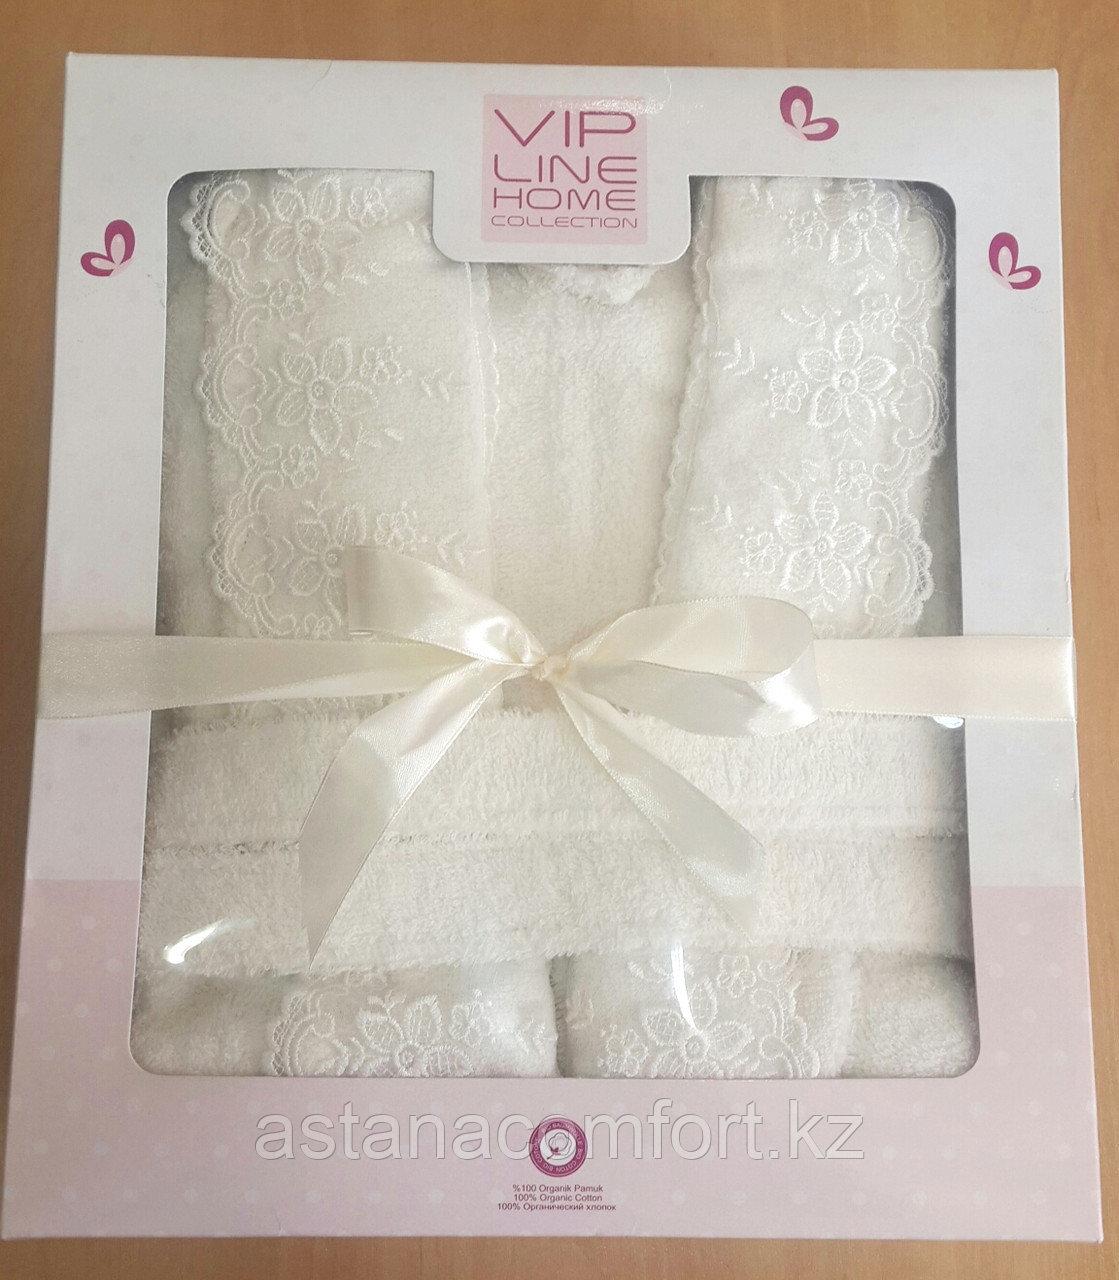 Подарки для женщин. Махровый женский набор. Халат и 2 полотенца с кружевам. Турция.